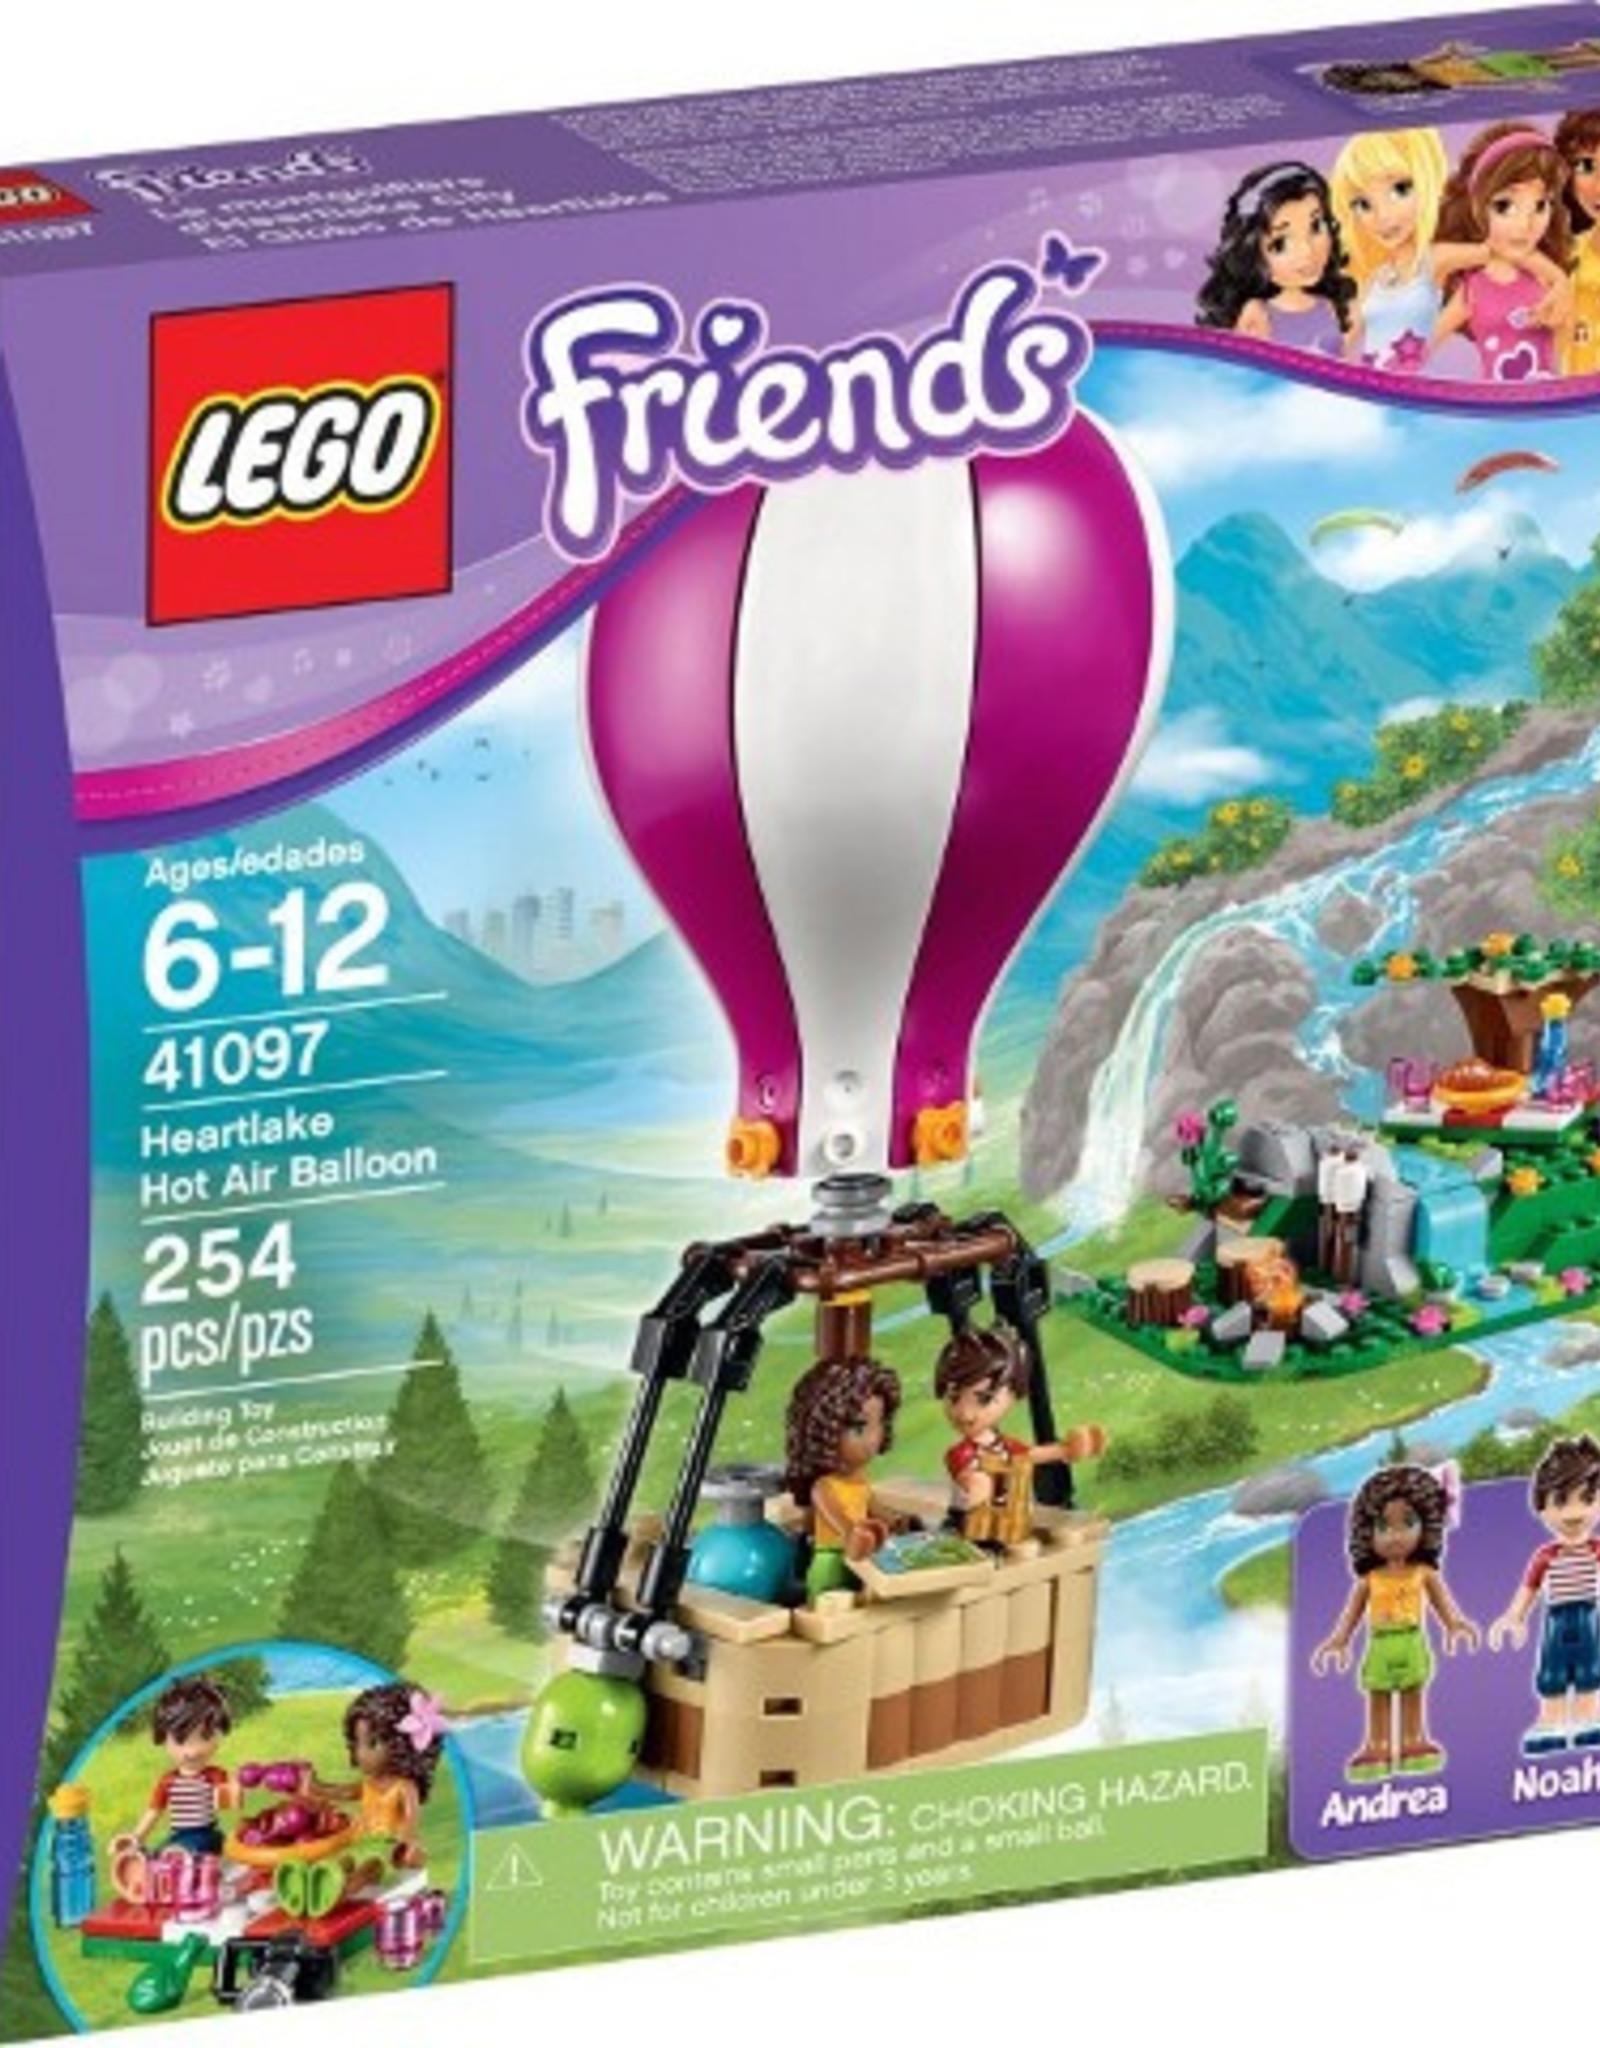 LEGO LEGO 41097 Heartlake Hot Air Balloon FRIENDS